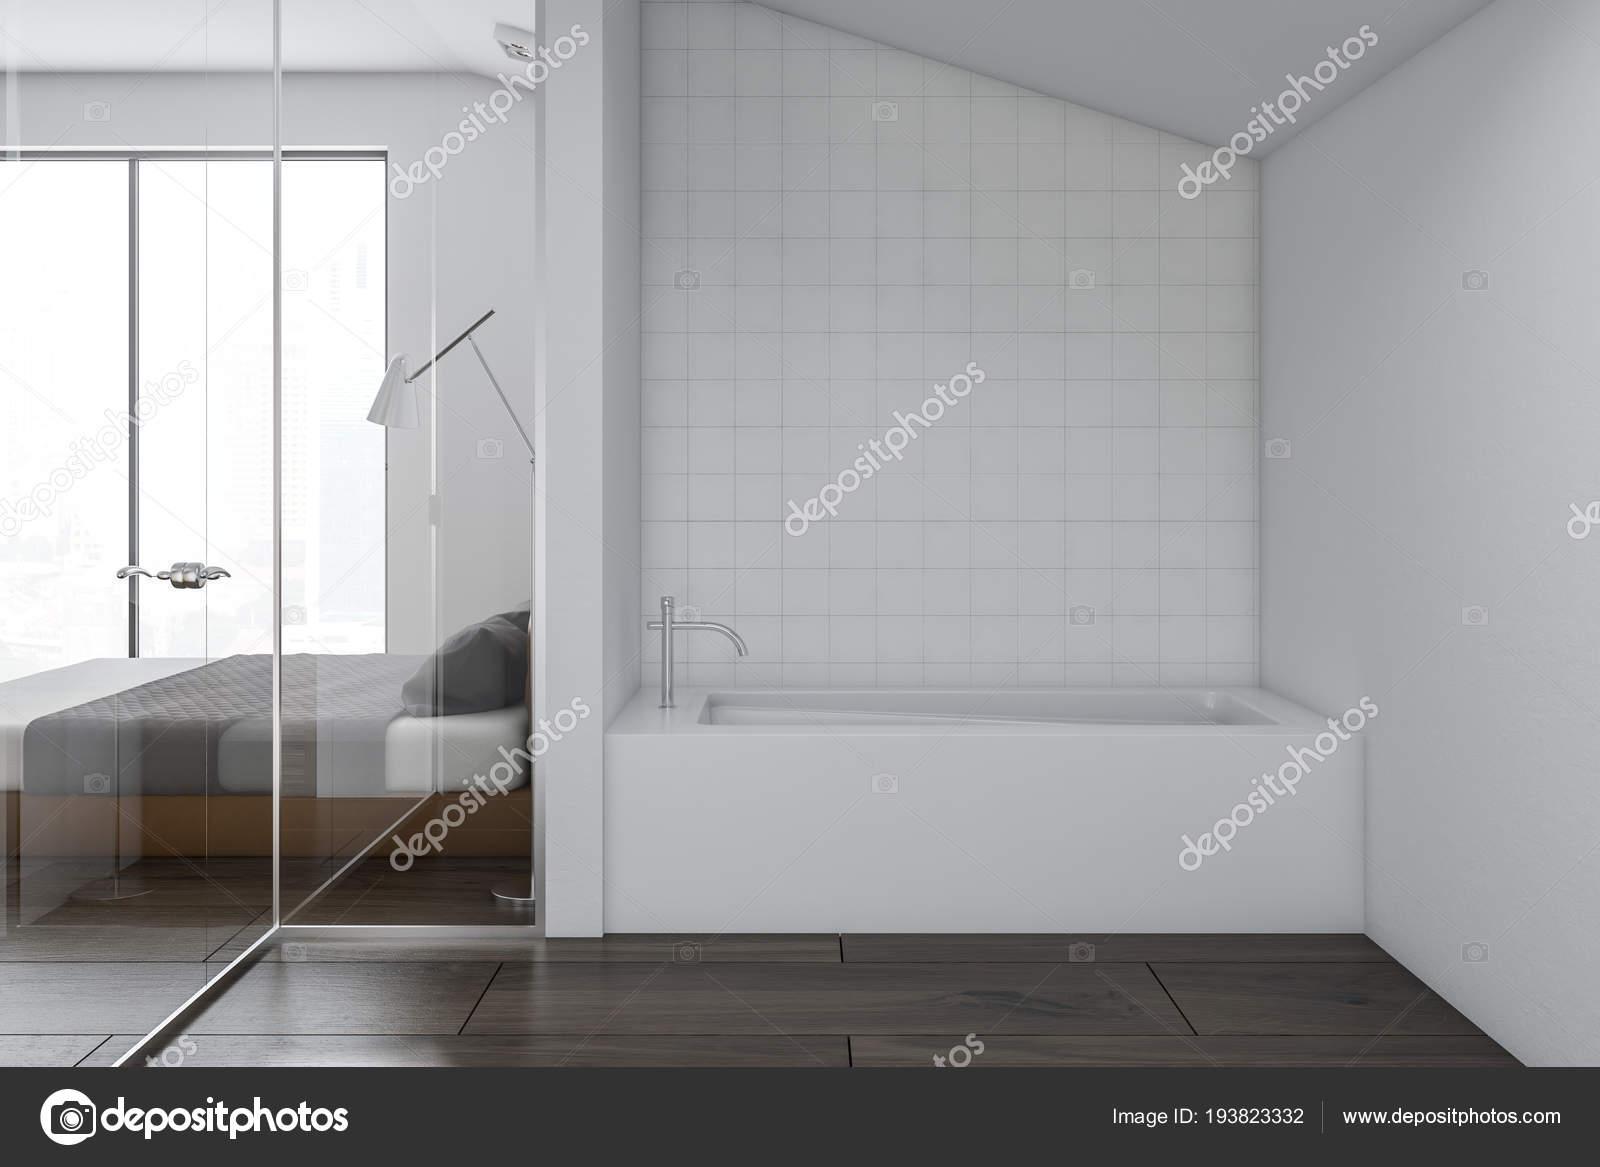 Stanze Da Bagno Piccole : Interiore della stanza bagno con una vasca bagno bianca accanto